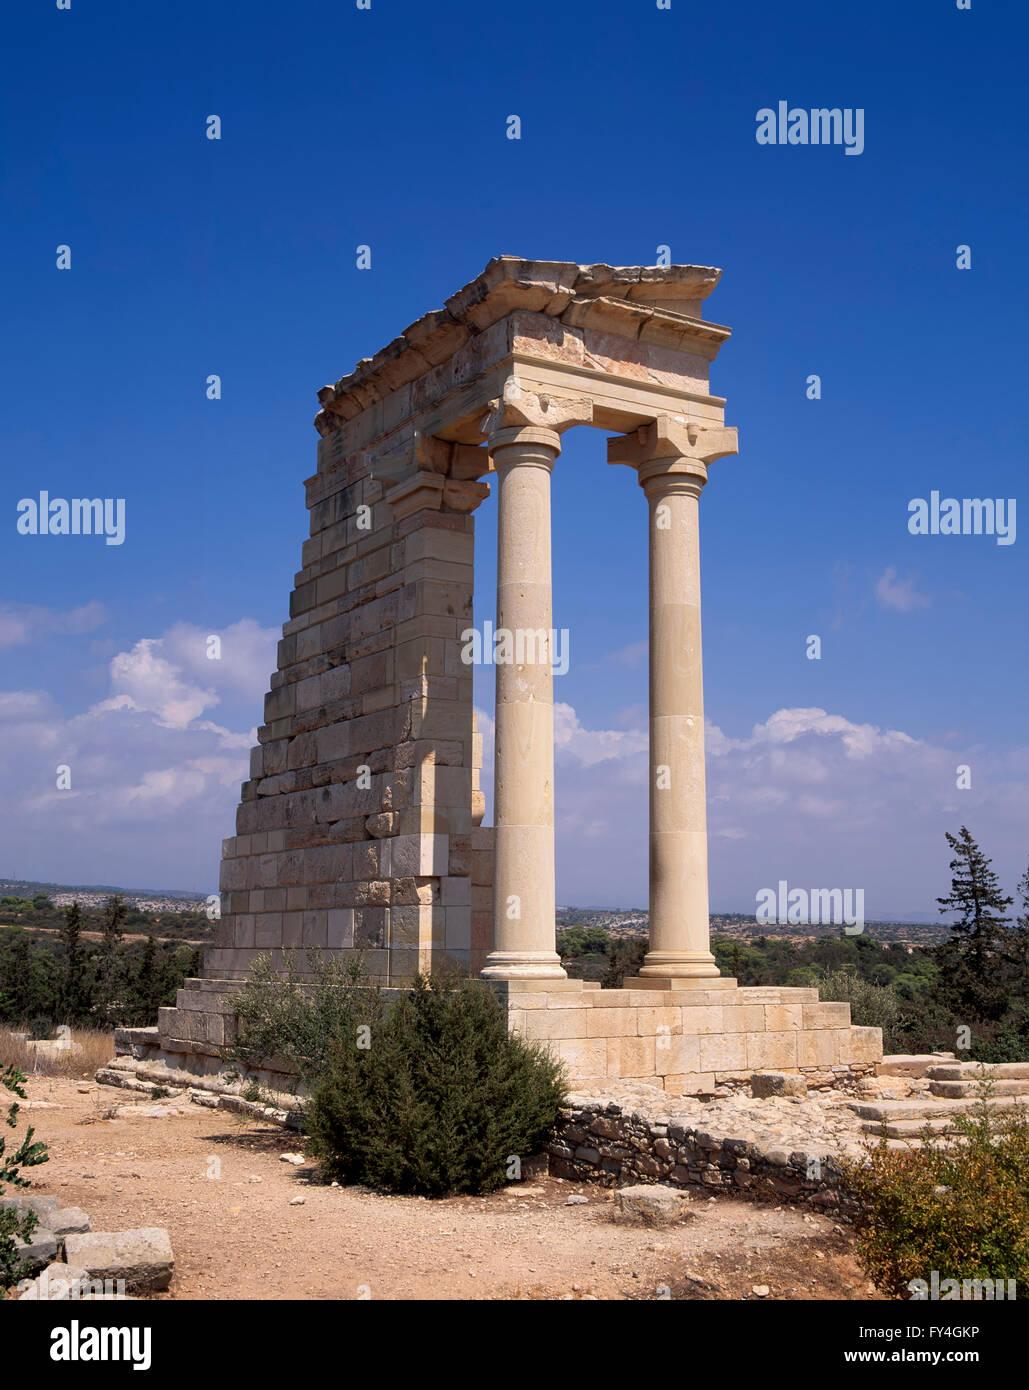 Kourion, Apollon-Temple, South Cyprus, Europe - Stock Image